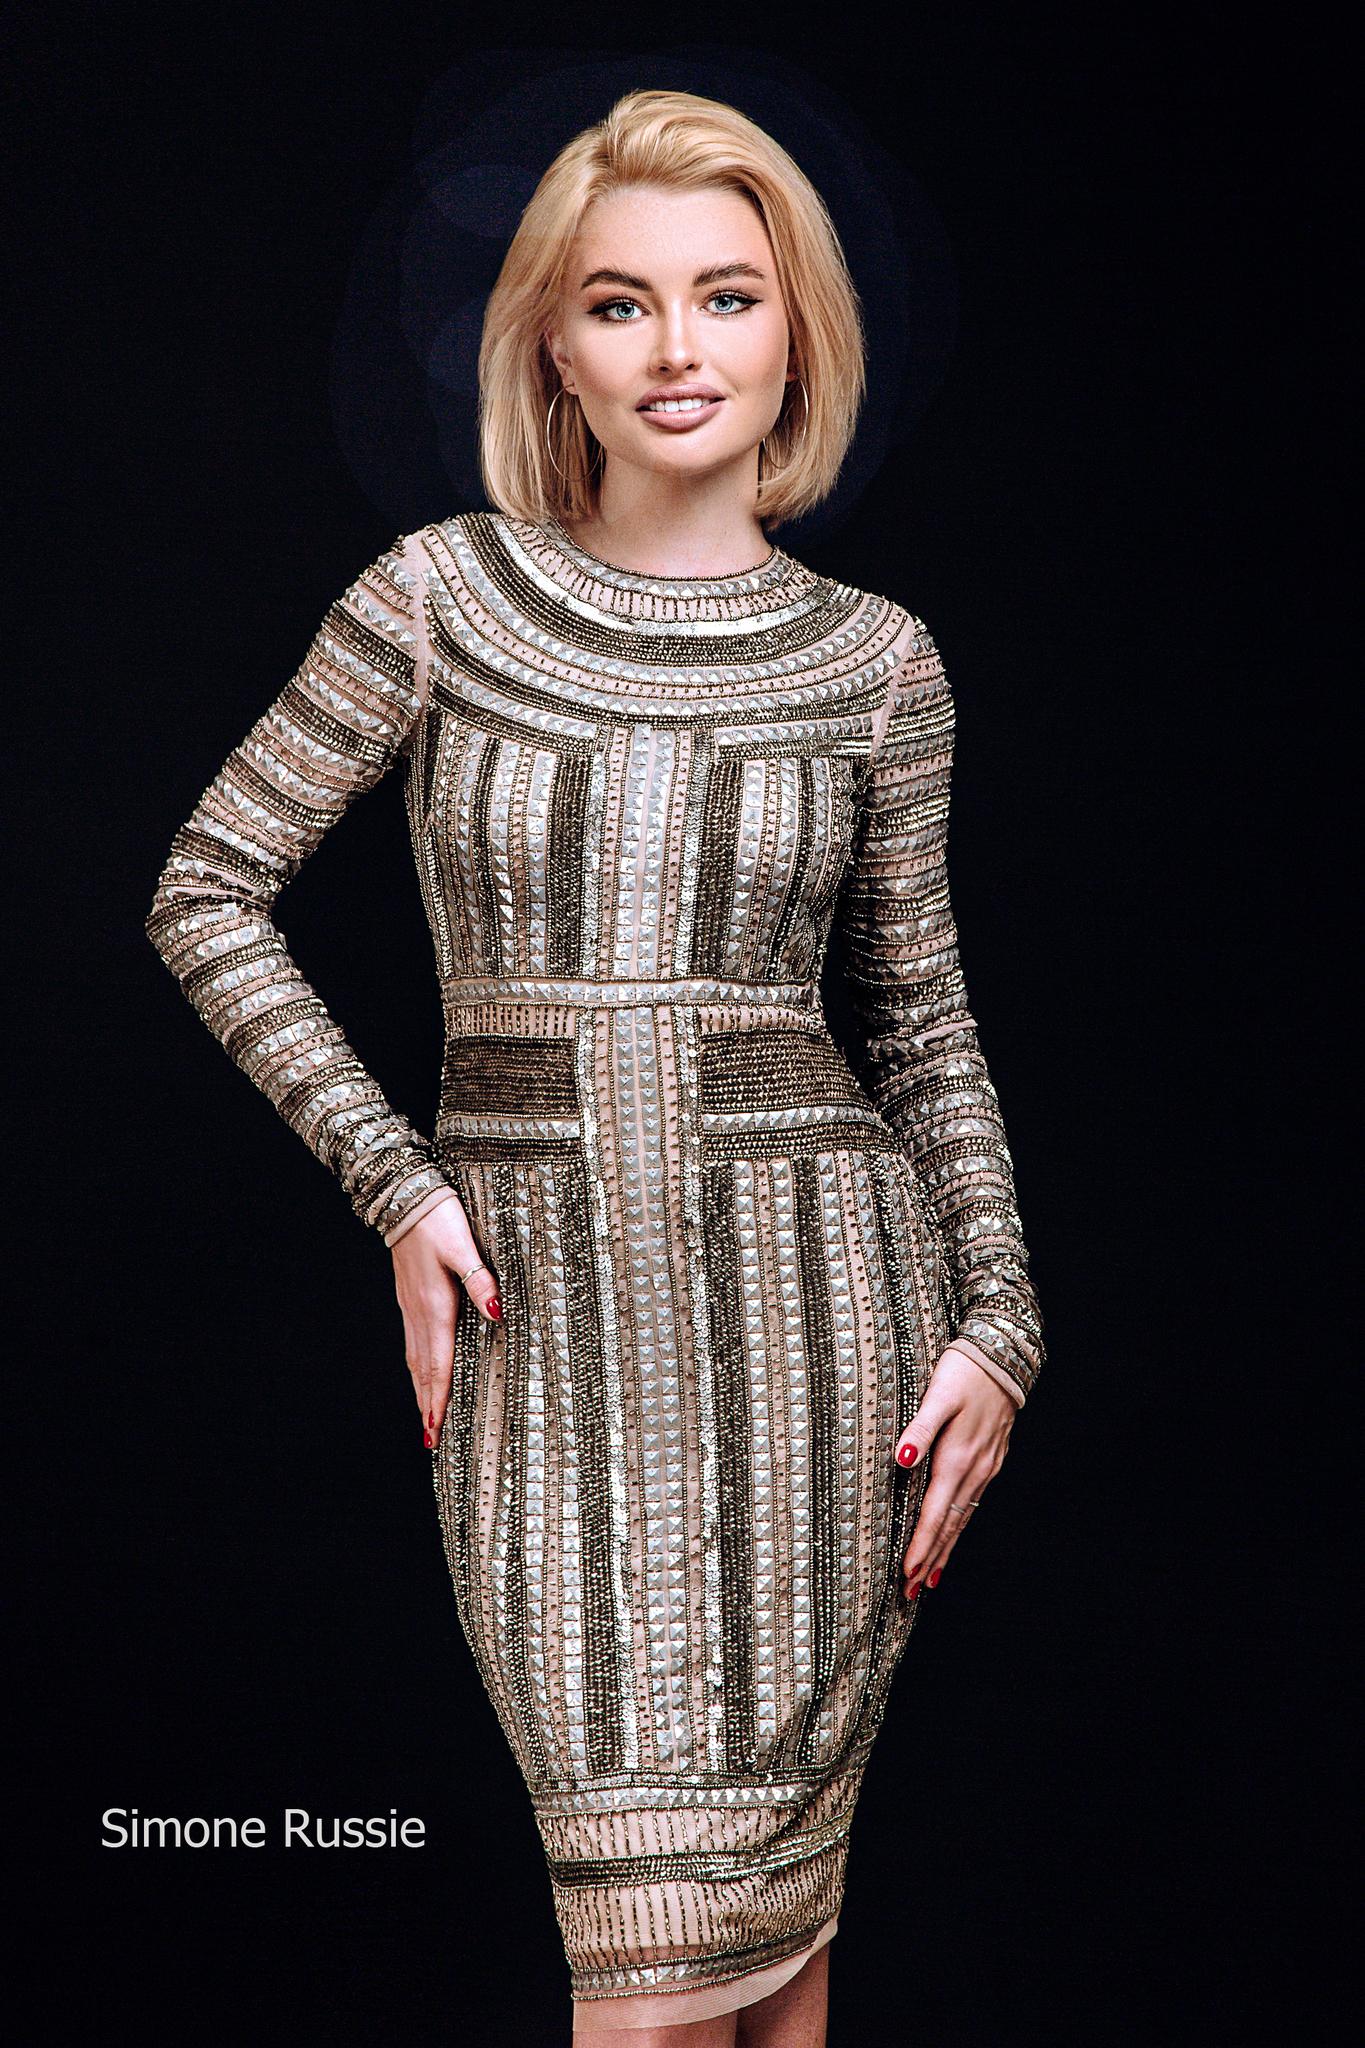 Simone Russie SR1948 Элегантное платье средней длины с рукавом